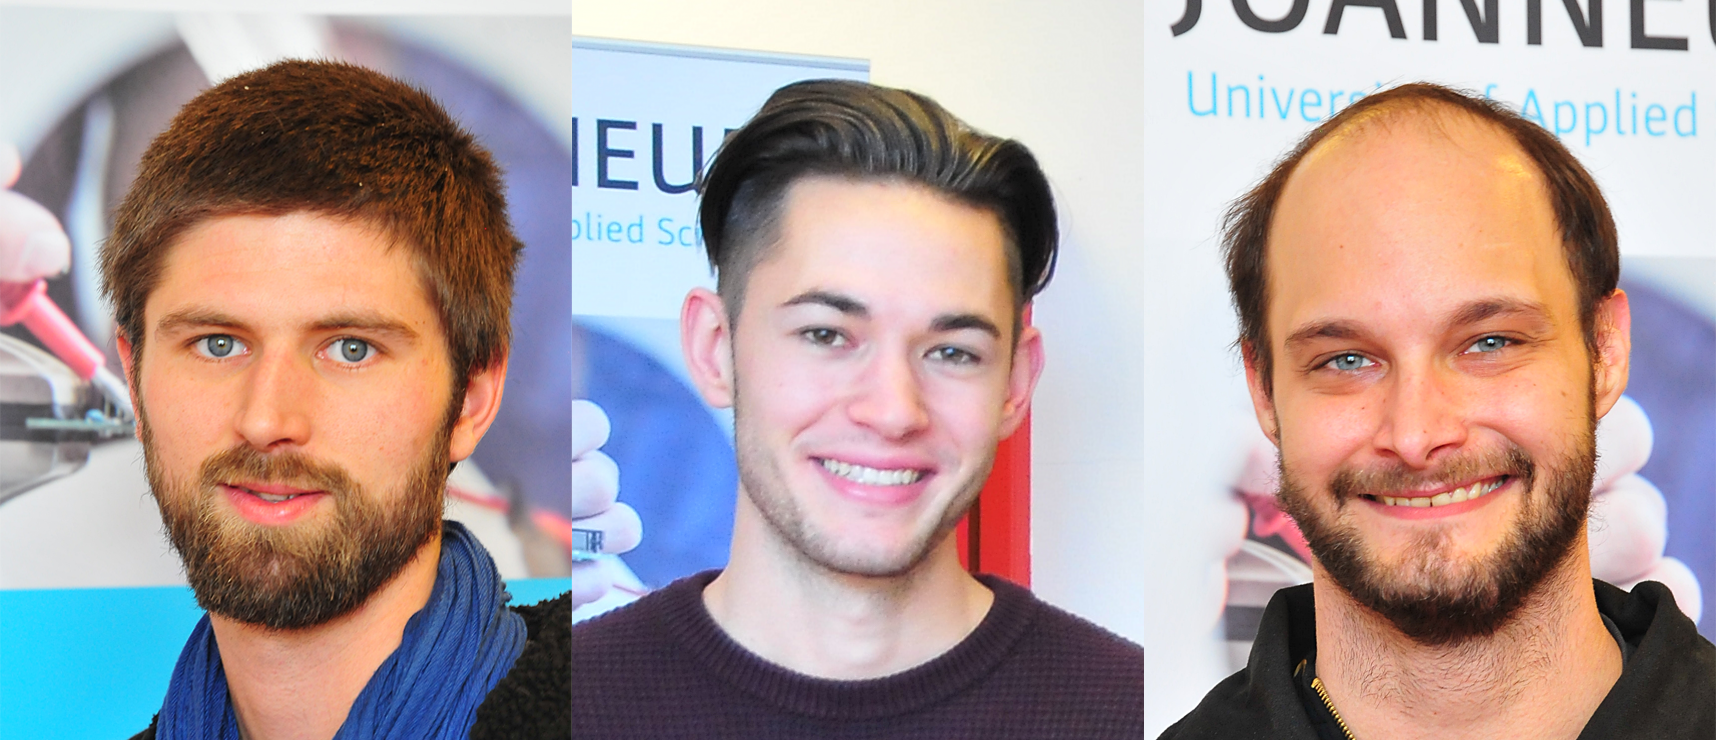 Lucas Mandl (24), Matthias Reibenschuh (21) und Philipp Rossak (26)